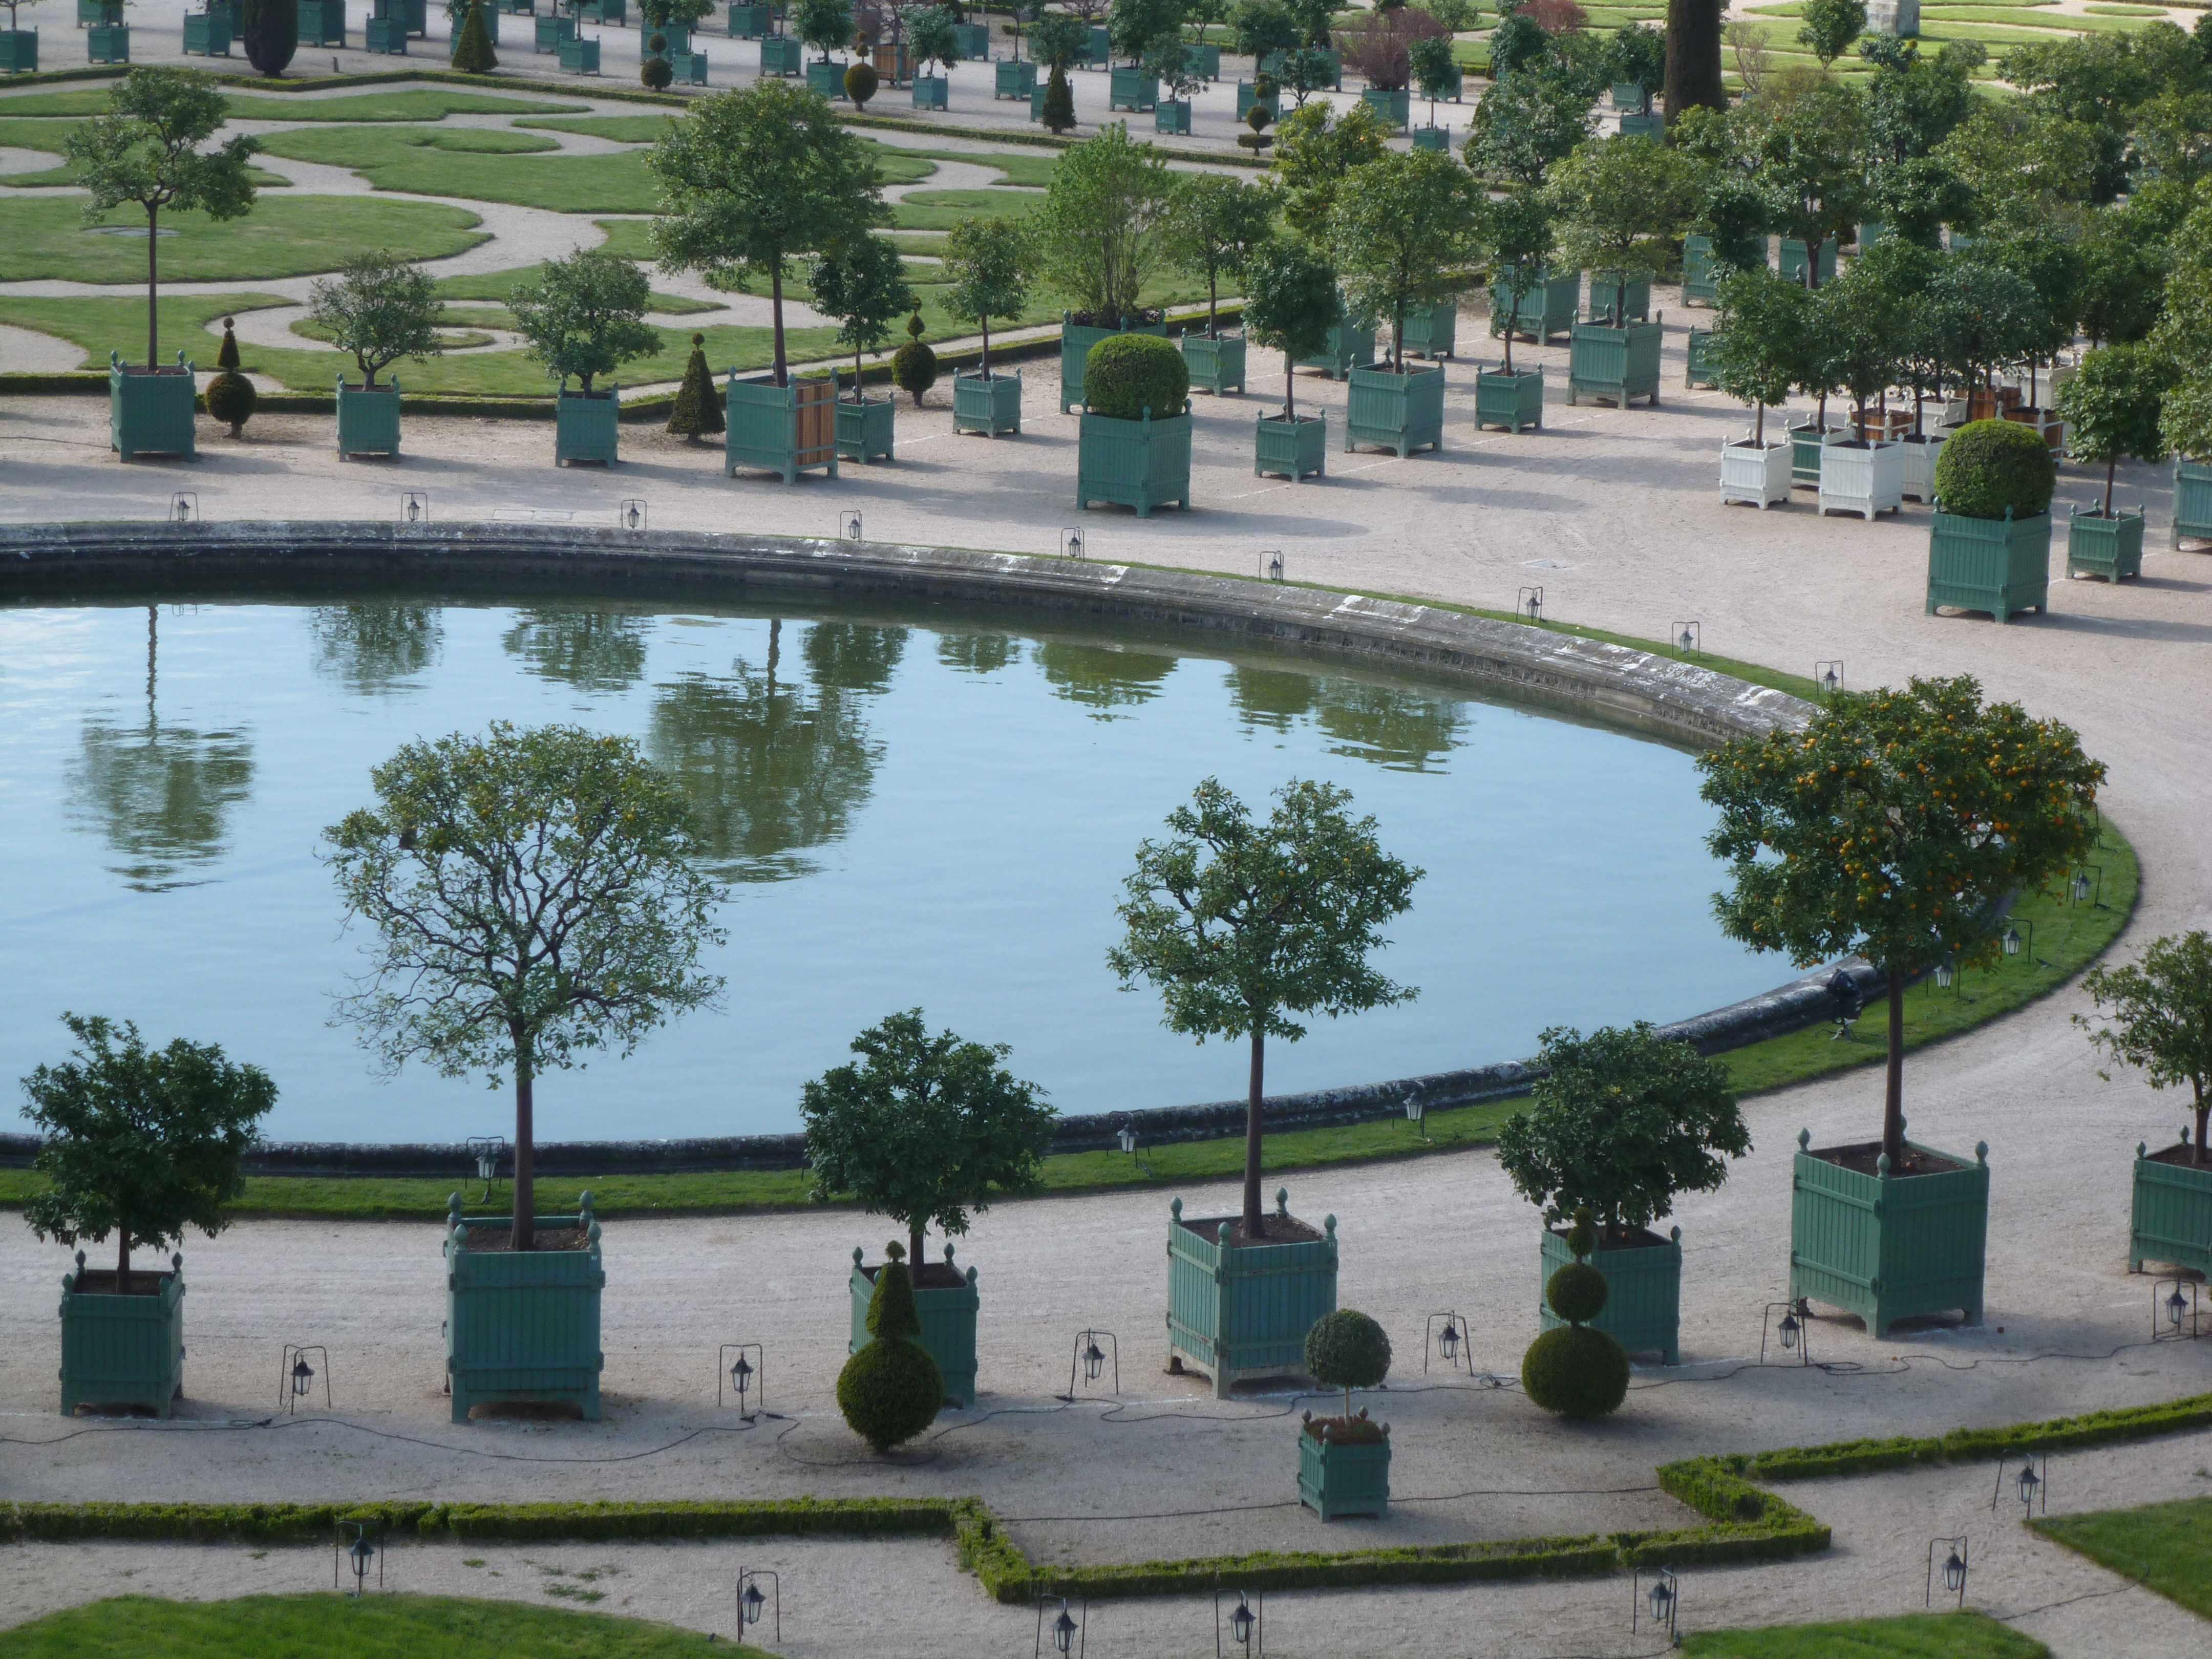 Versailles matin sans touristes - Bassin naturel sans pompe versailles ...